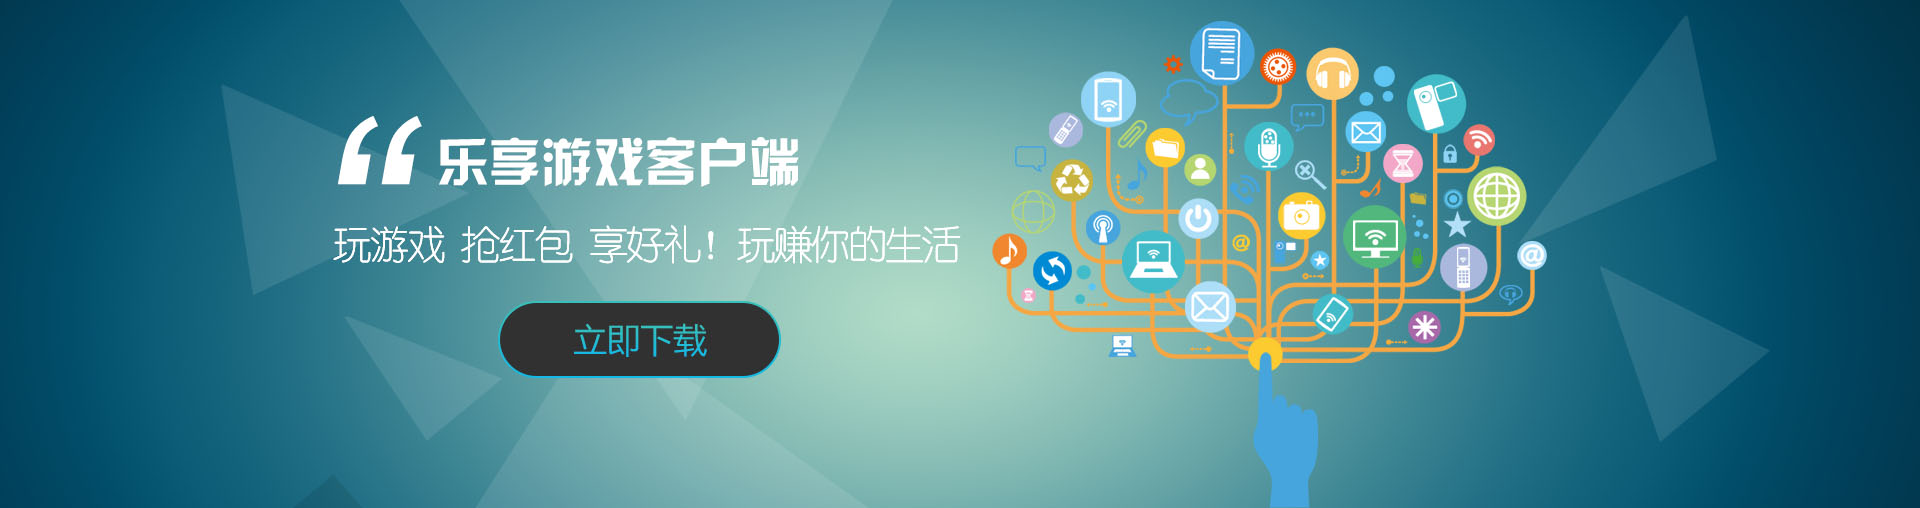 响应式网站设计工具 coolsite360